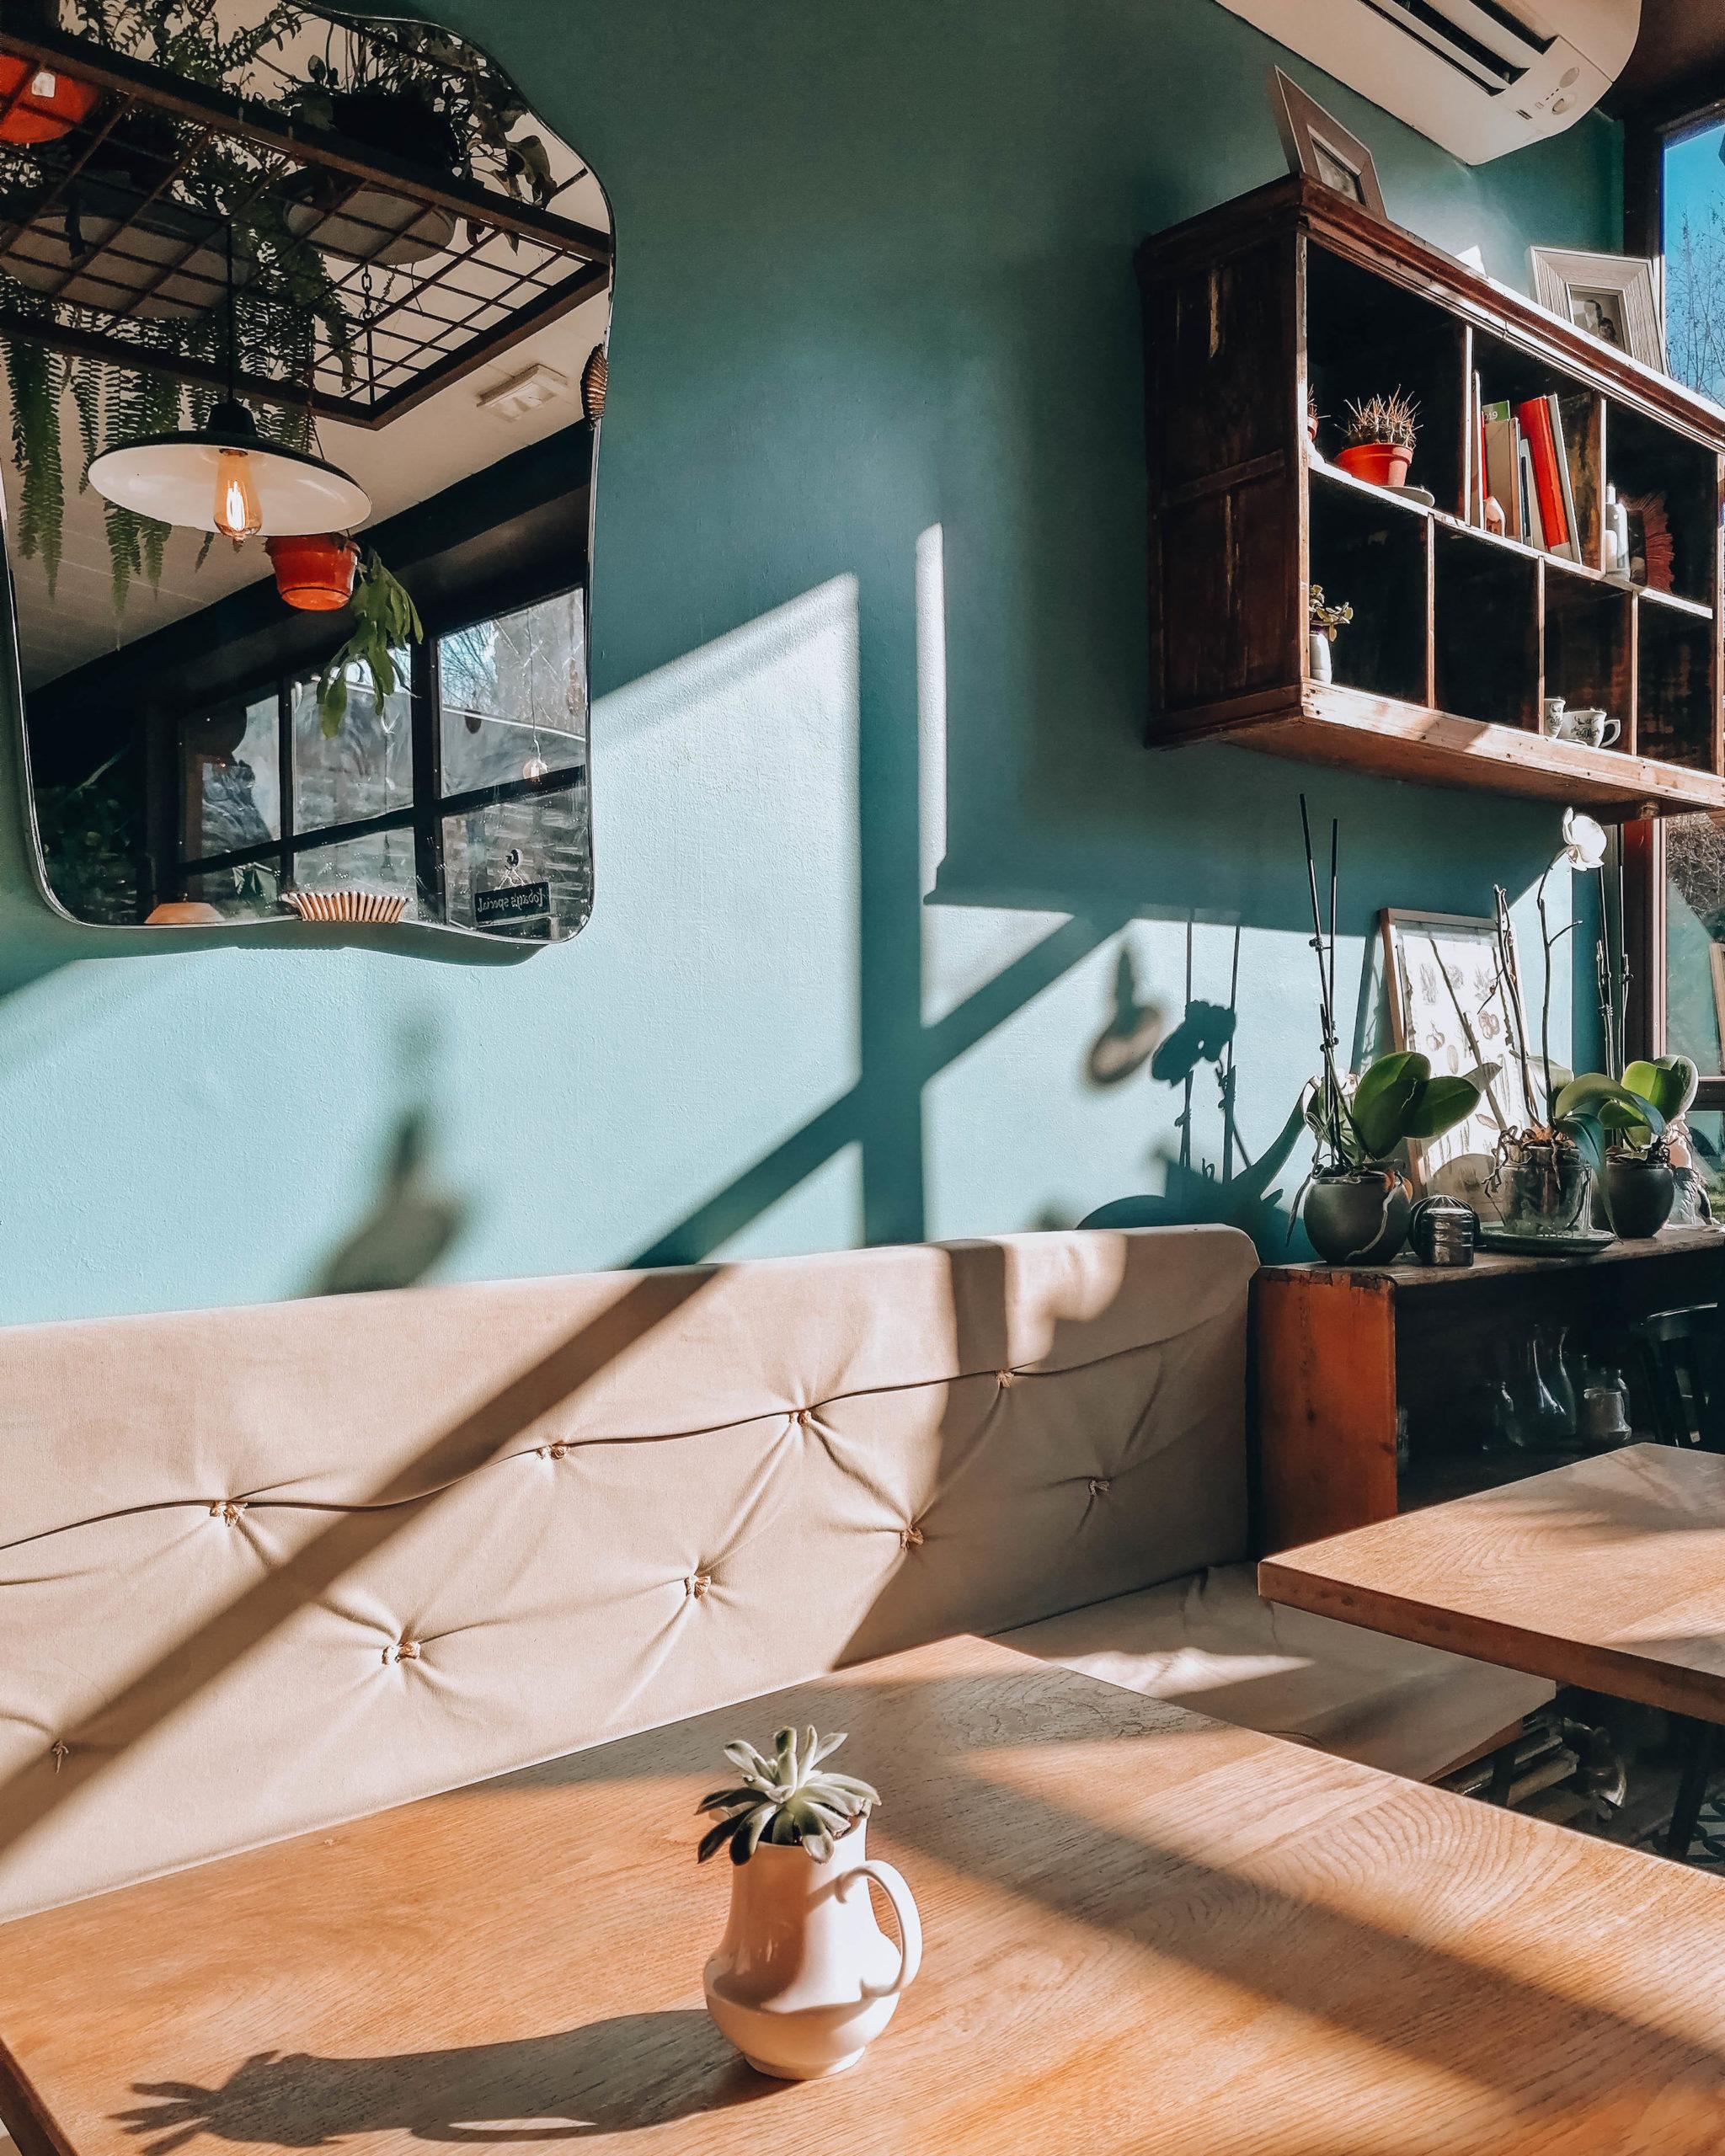 interno bistrot con tavoli legno e divanetti